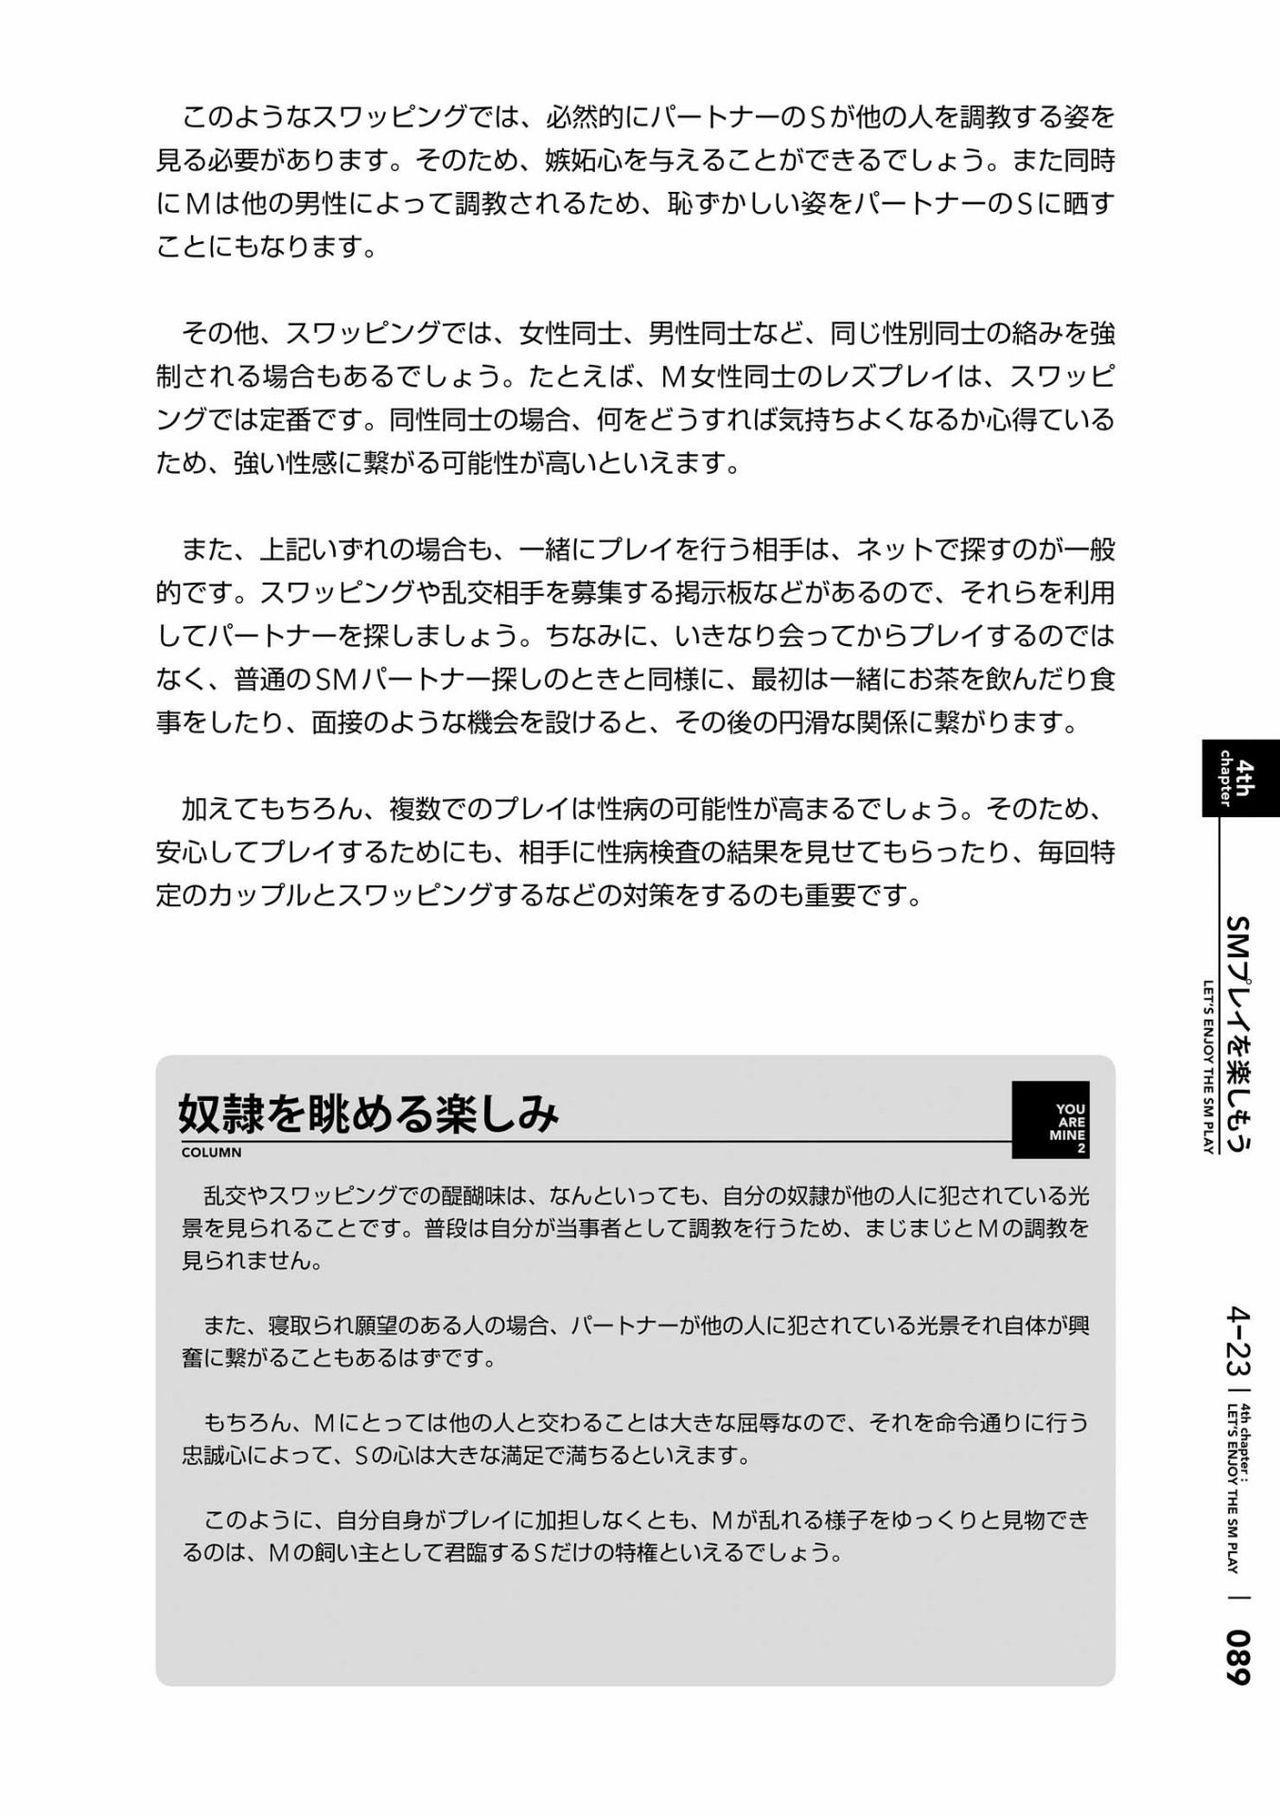 [Mitsuba] Karada mo Kokoro mo Boku no Mono ~Hajimete no SM Guide~ 2 [Digital] 91